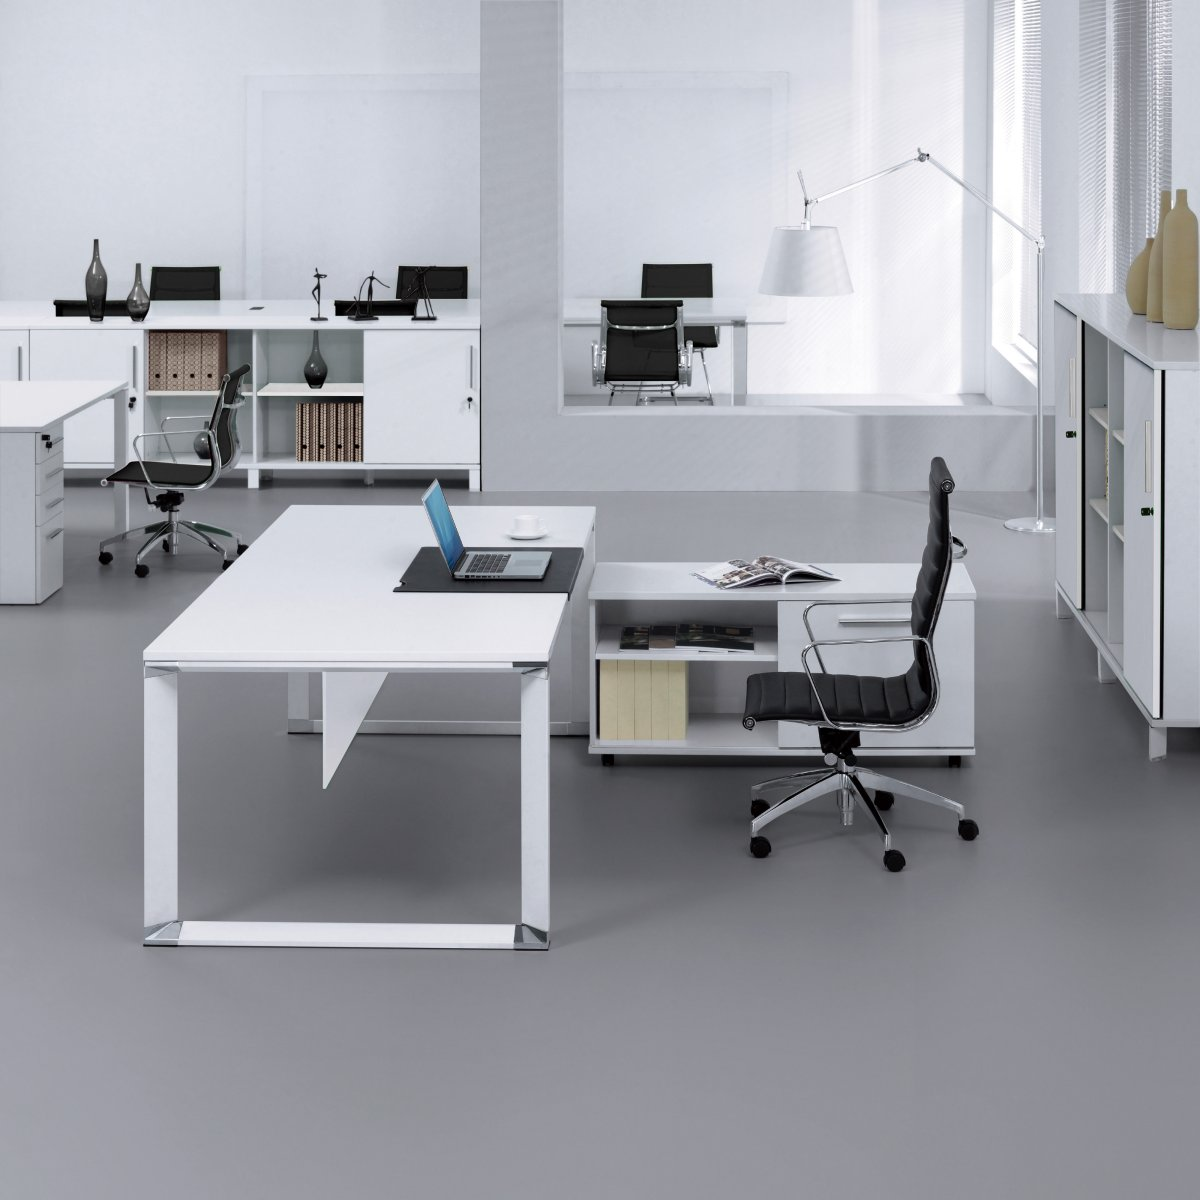 Điểm tên những cách sắp xếp bàn ghế văn phòng thông minh nhất